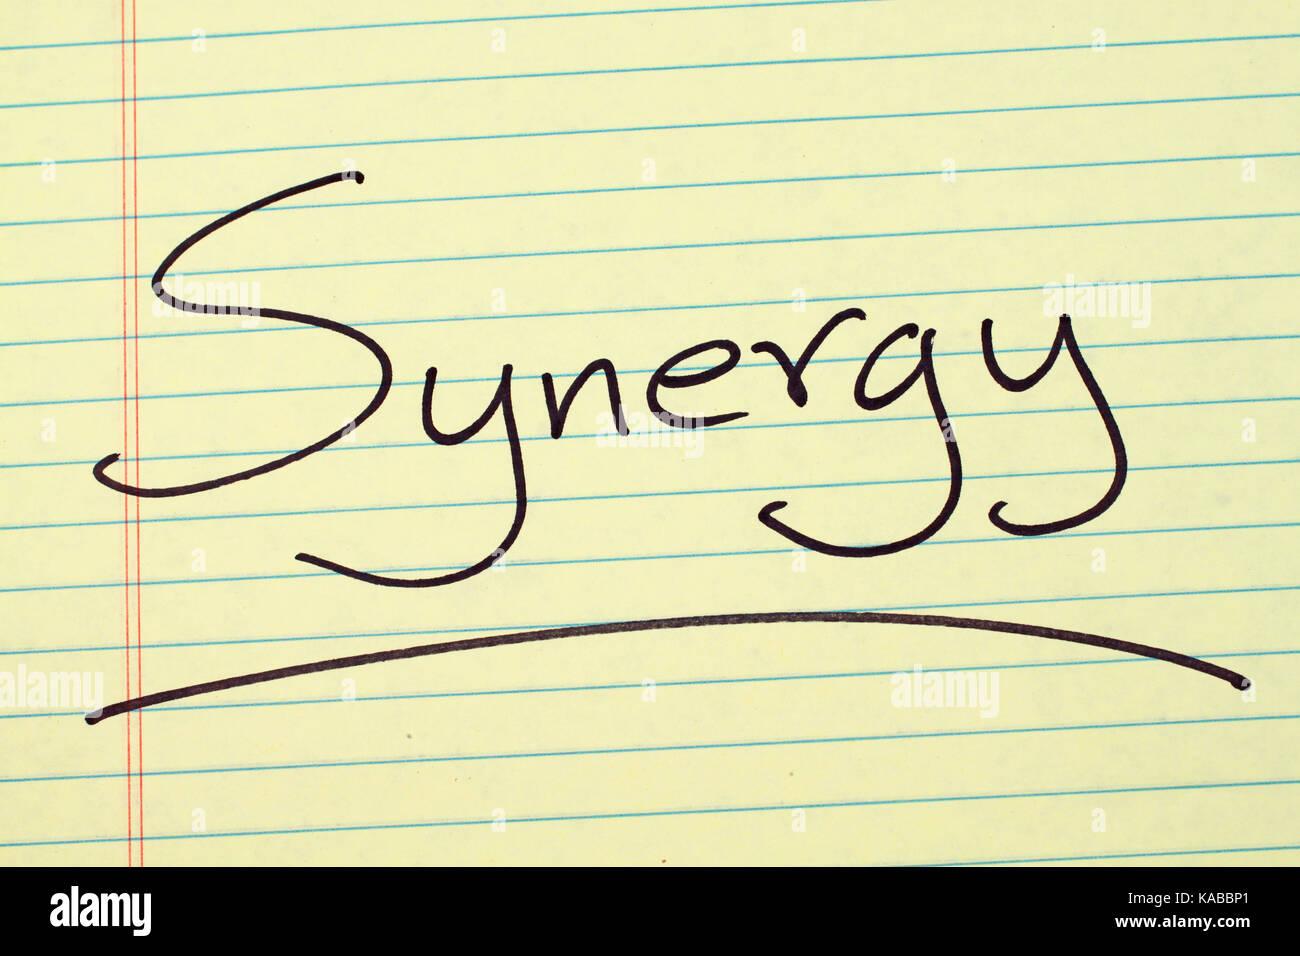 """La palabra """"SINERGY"""" subrayó en un bloc de notas de papel amarillo Imagen De Stock"""